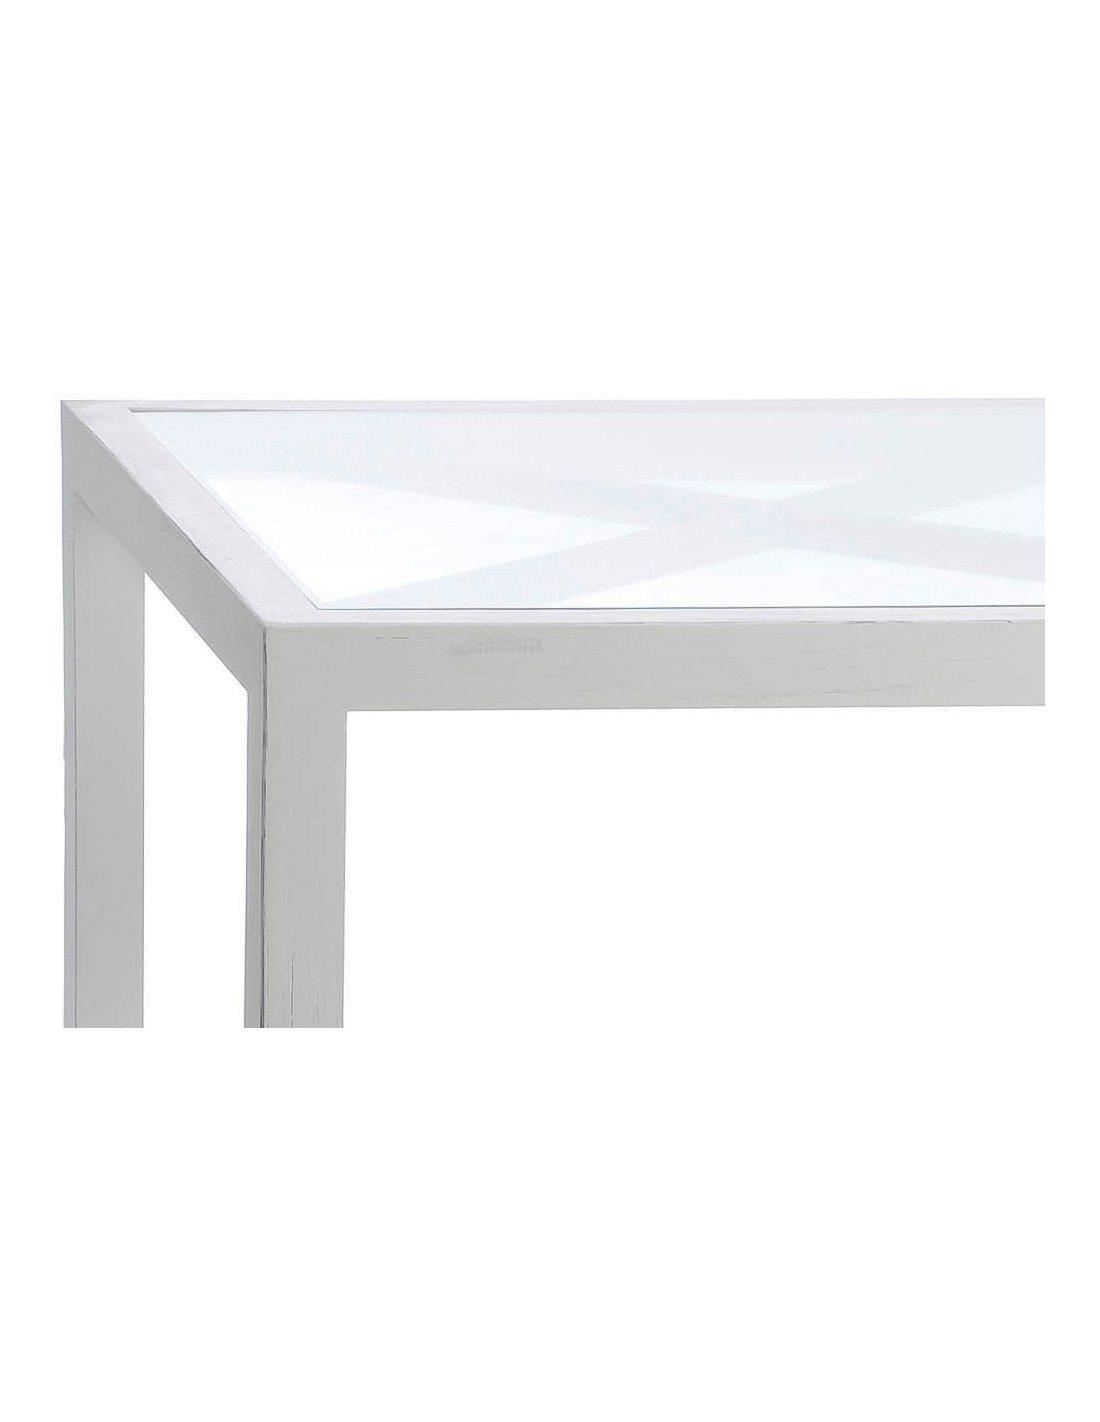 ADELONGJ basse LineBlanc ADELONGJ Table Table Table ADELONGJ rectangulaire basse rectangulaire rectangulaire LineBlanc basse I2eHE9YbWD